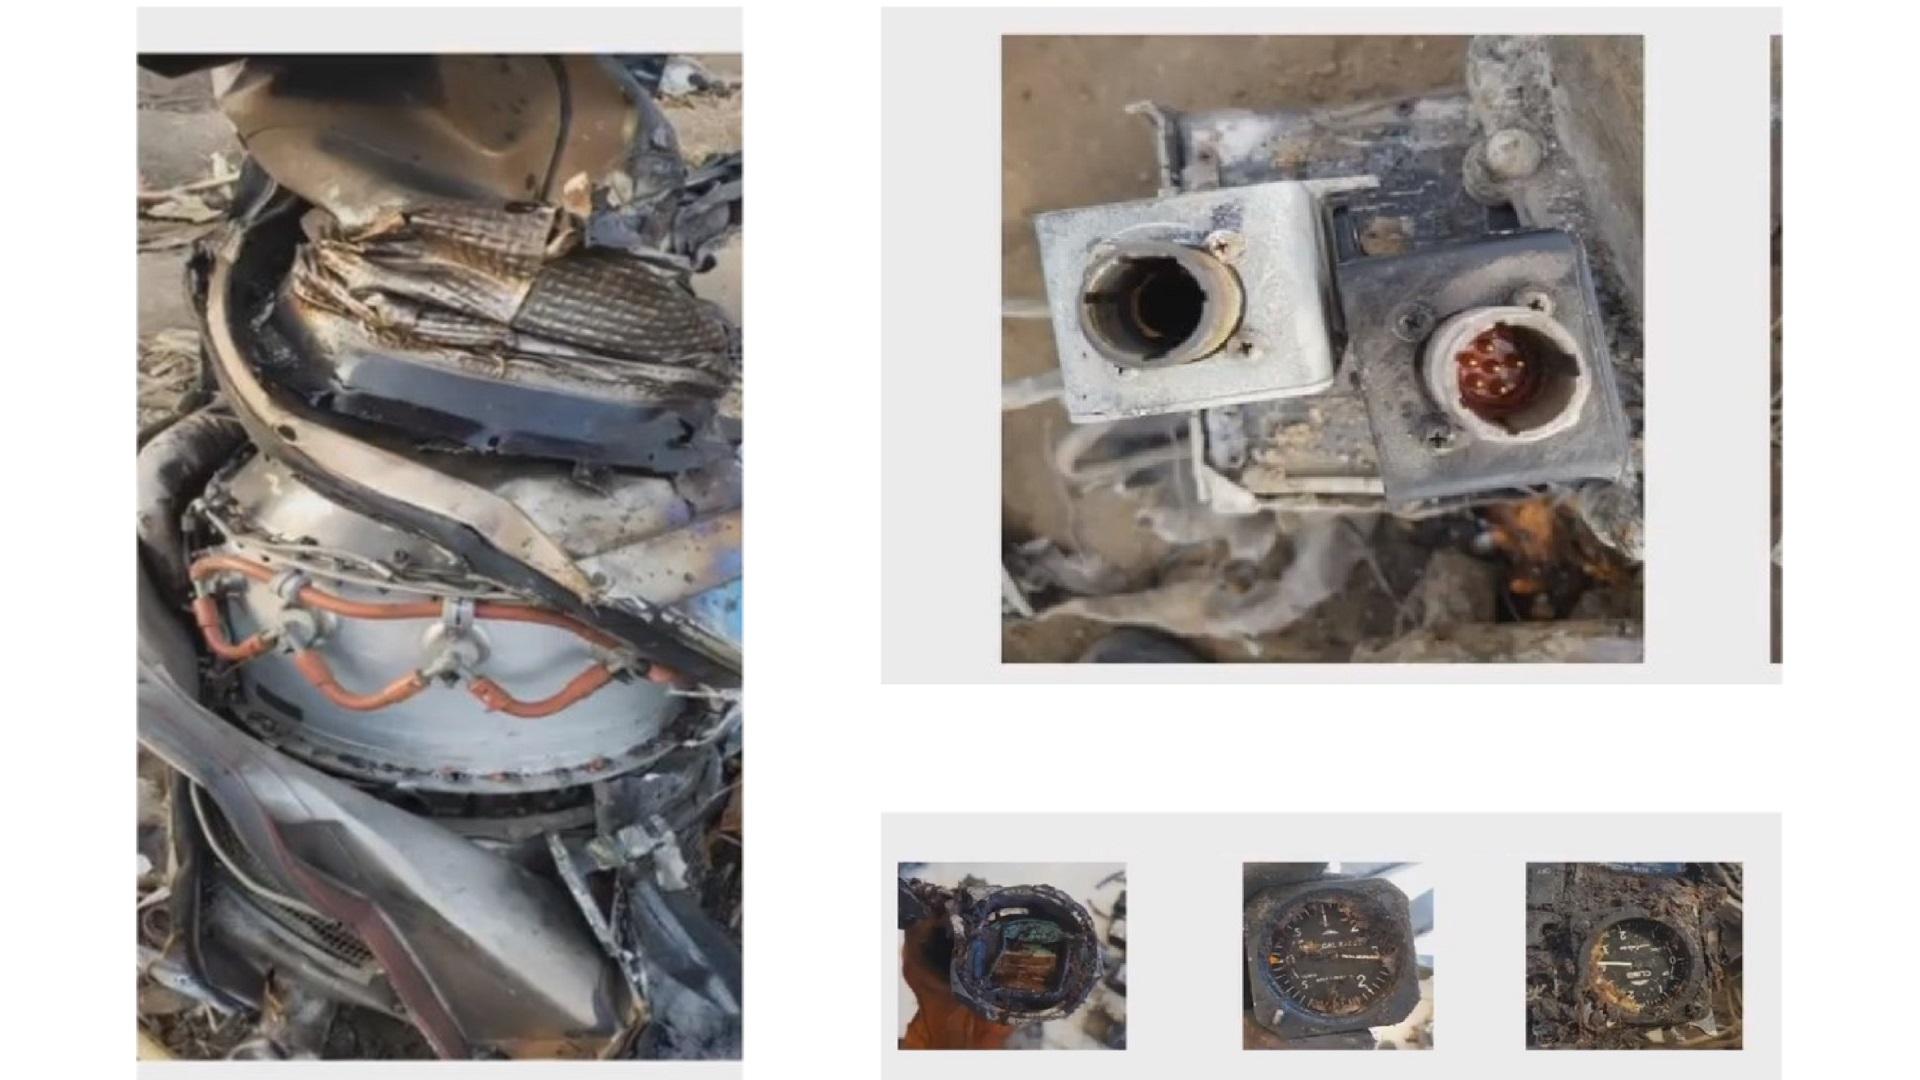 Partes recuperadas del helicóptero. Captura de pantalla